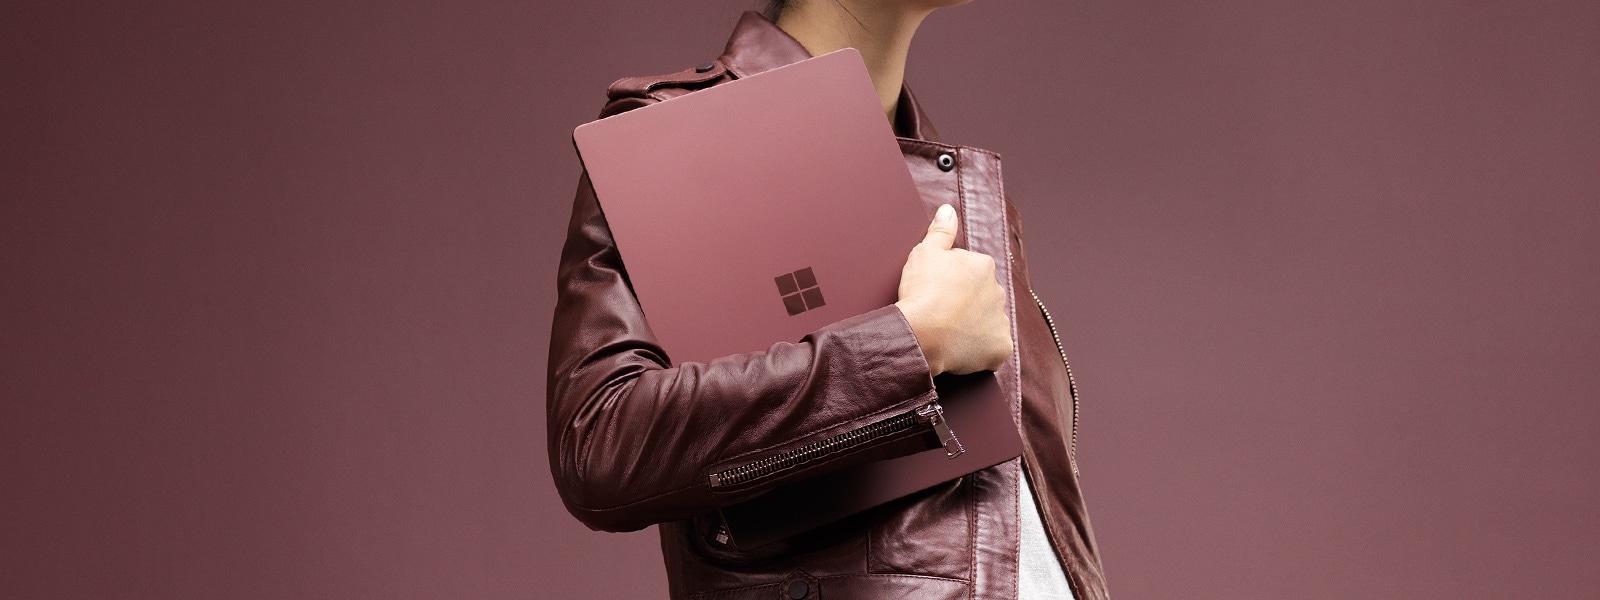 Modernt klädd kvinna håller en Burgundy Surface Laptop